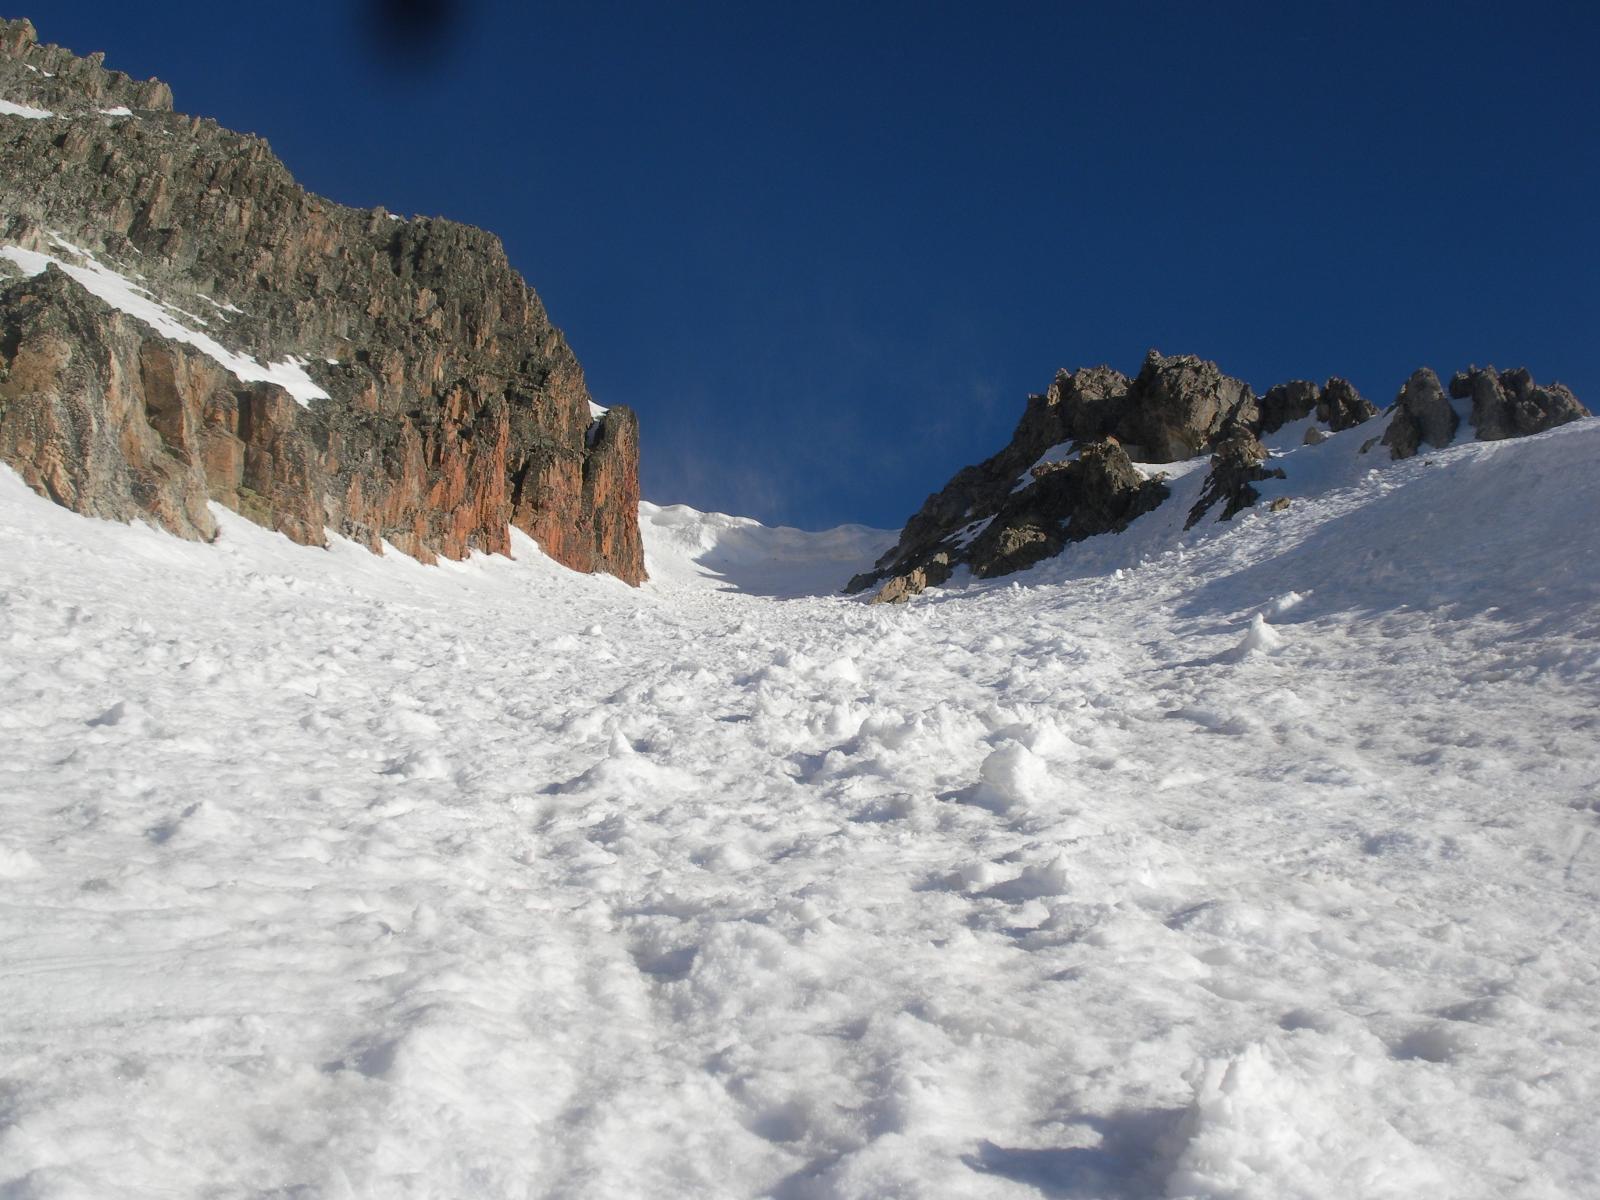 il canale svalangato..tutt'ora nella morsa del gelo..